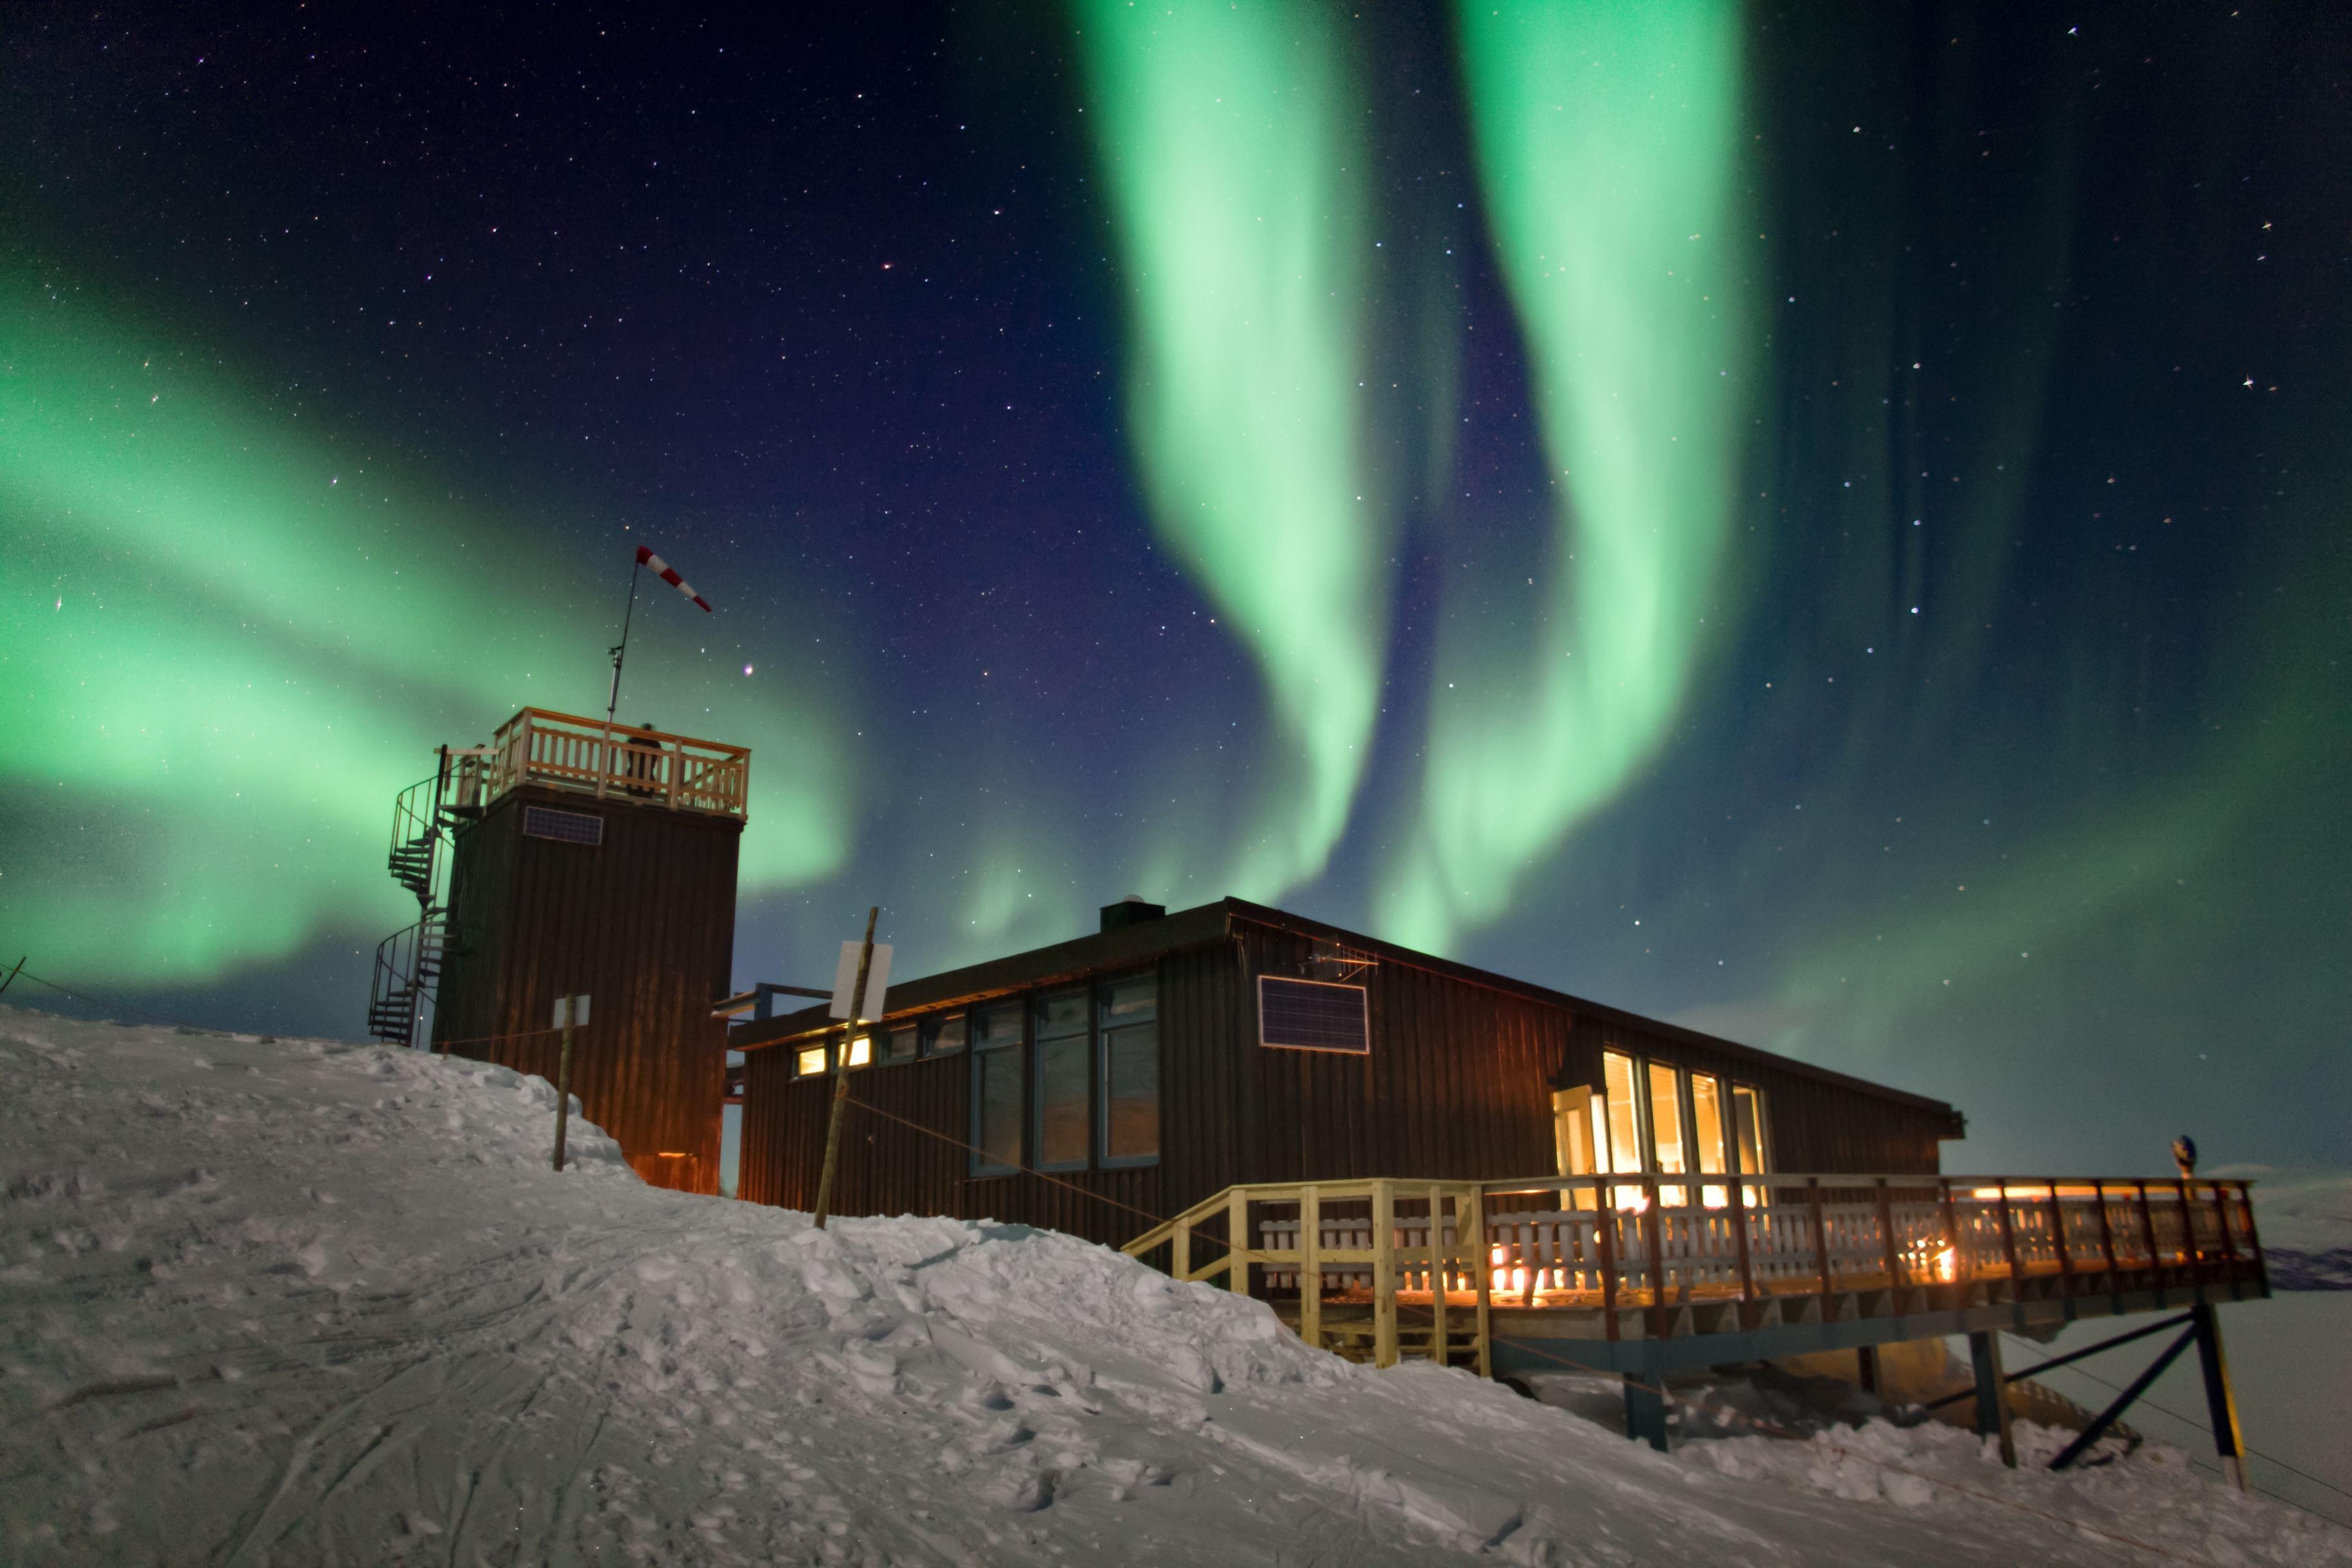 STF Aurora Sky Station - världens bästa ljusupplevelse